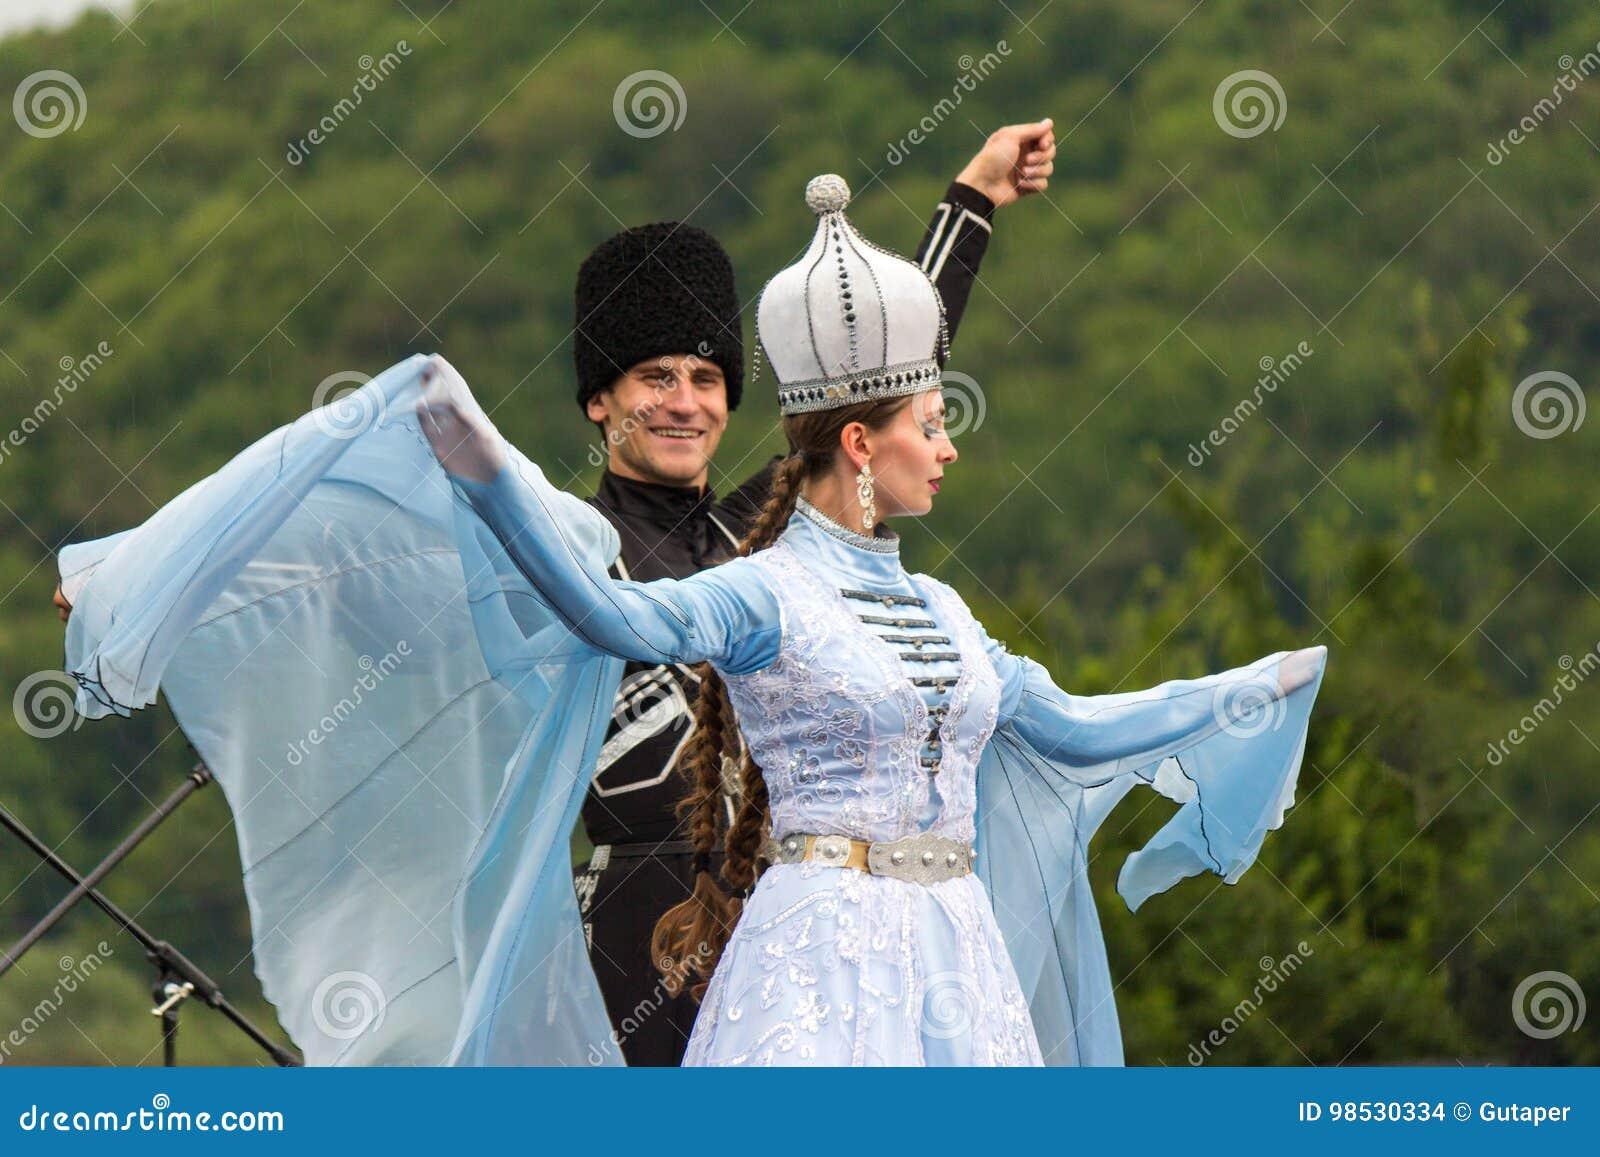 Ein schönes junges Mädchen und ein Kerl in traditionelle Circassian Kostüme tanzen am offenen Adyghe-Käsefestival in Adygea